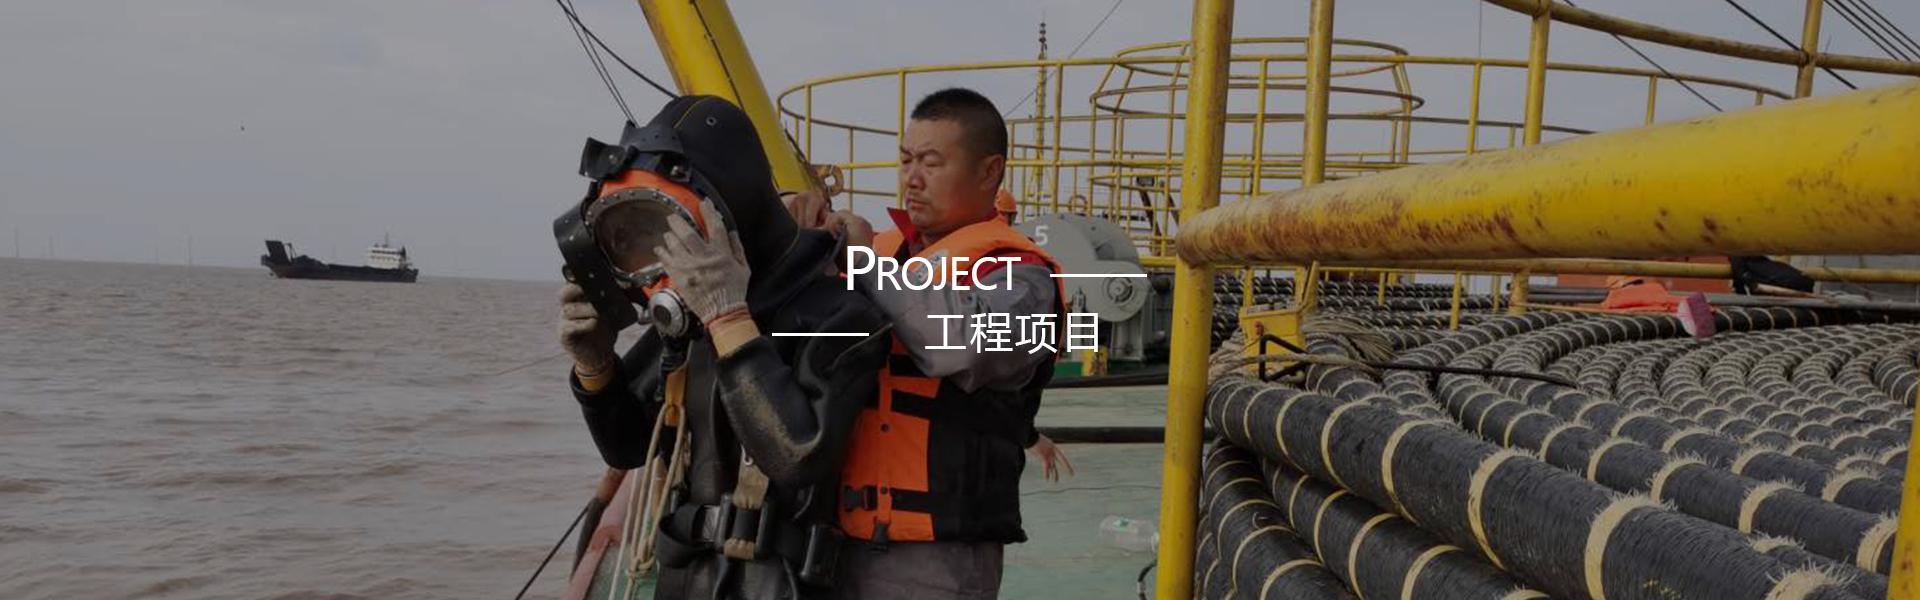 工程项目banner